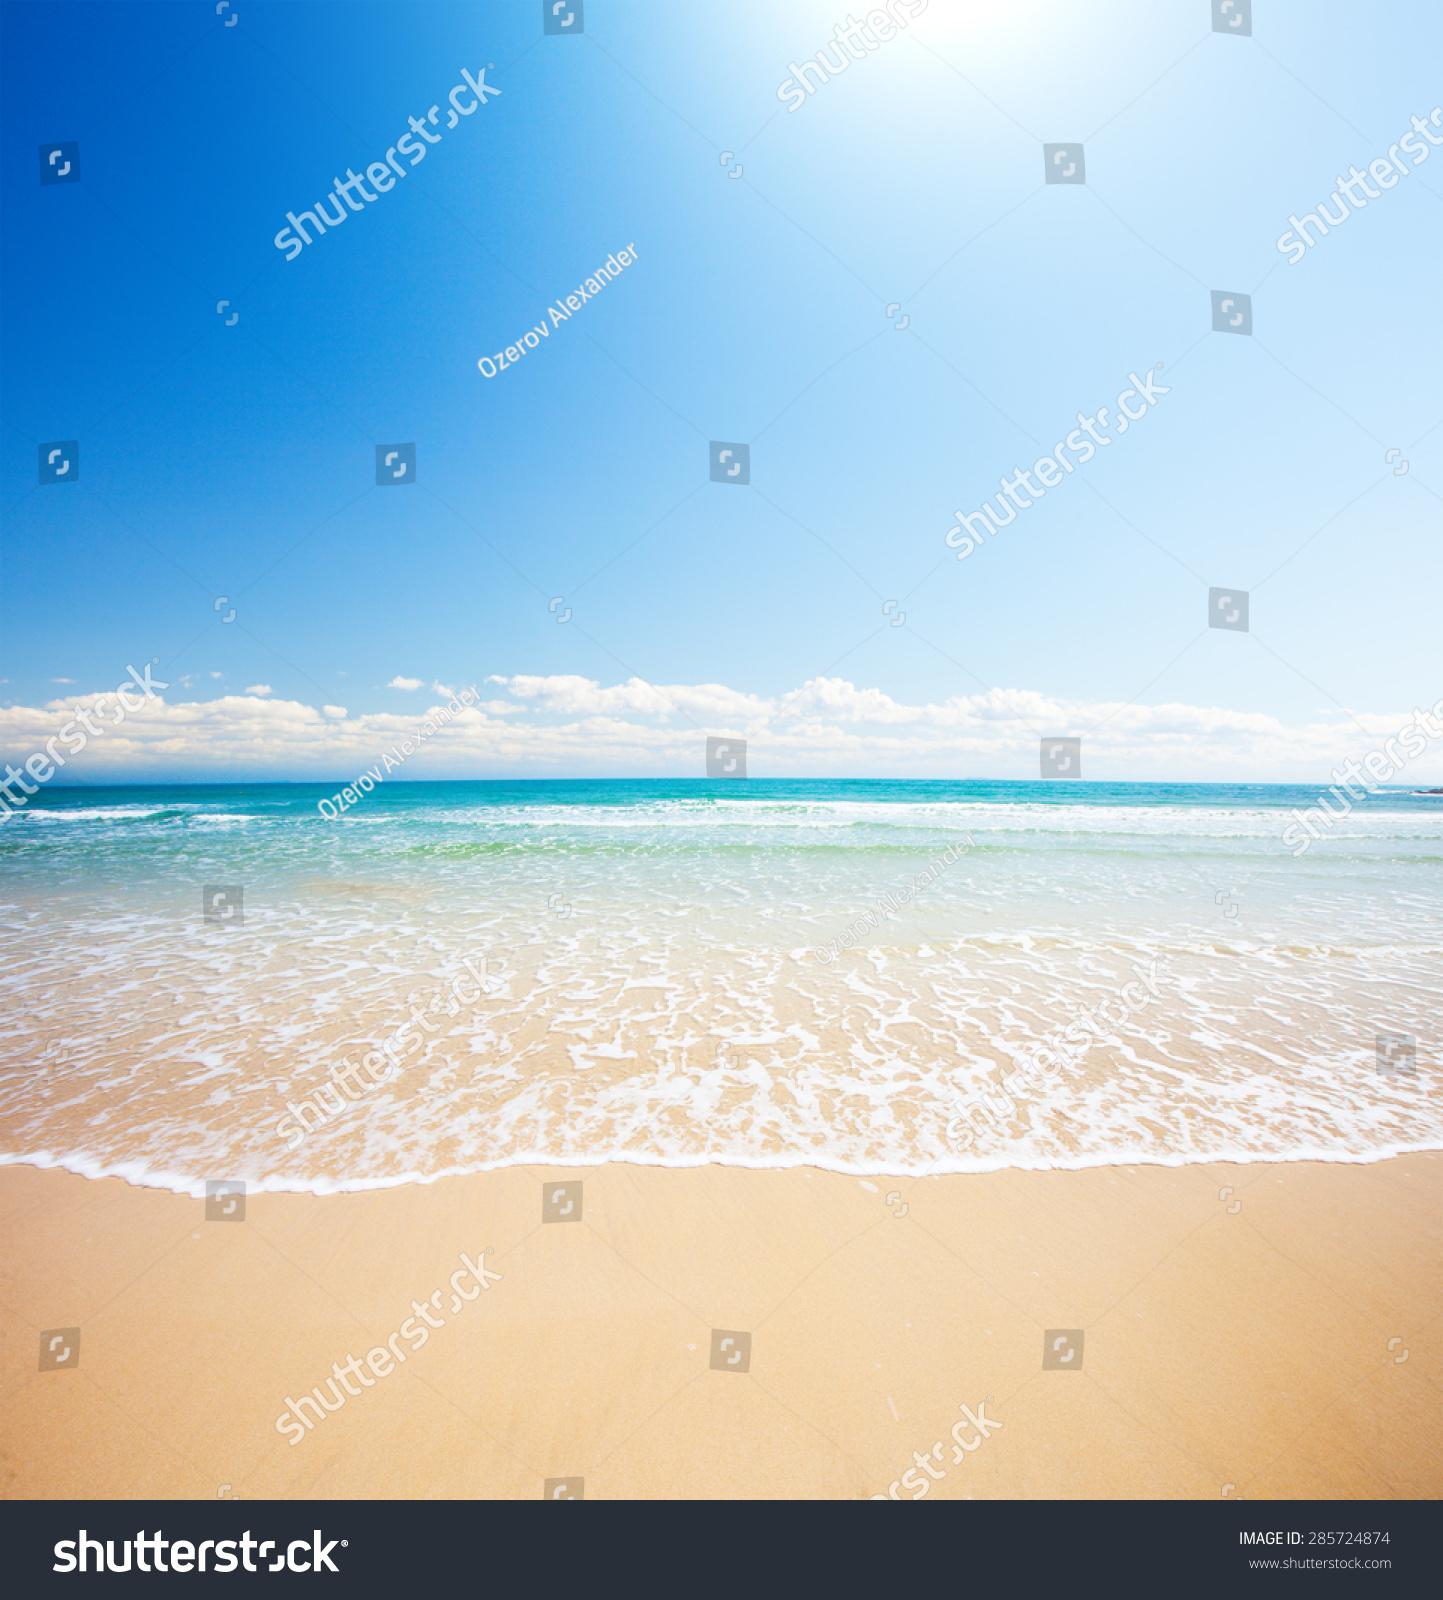 沙滩和热带海洋图片